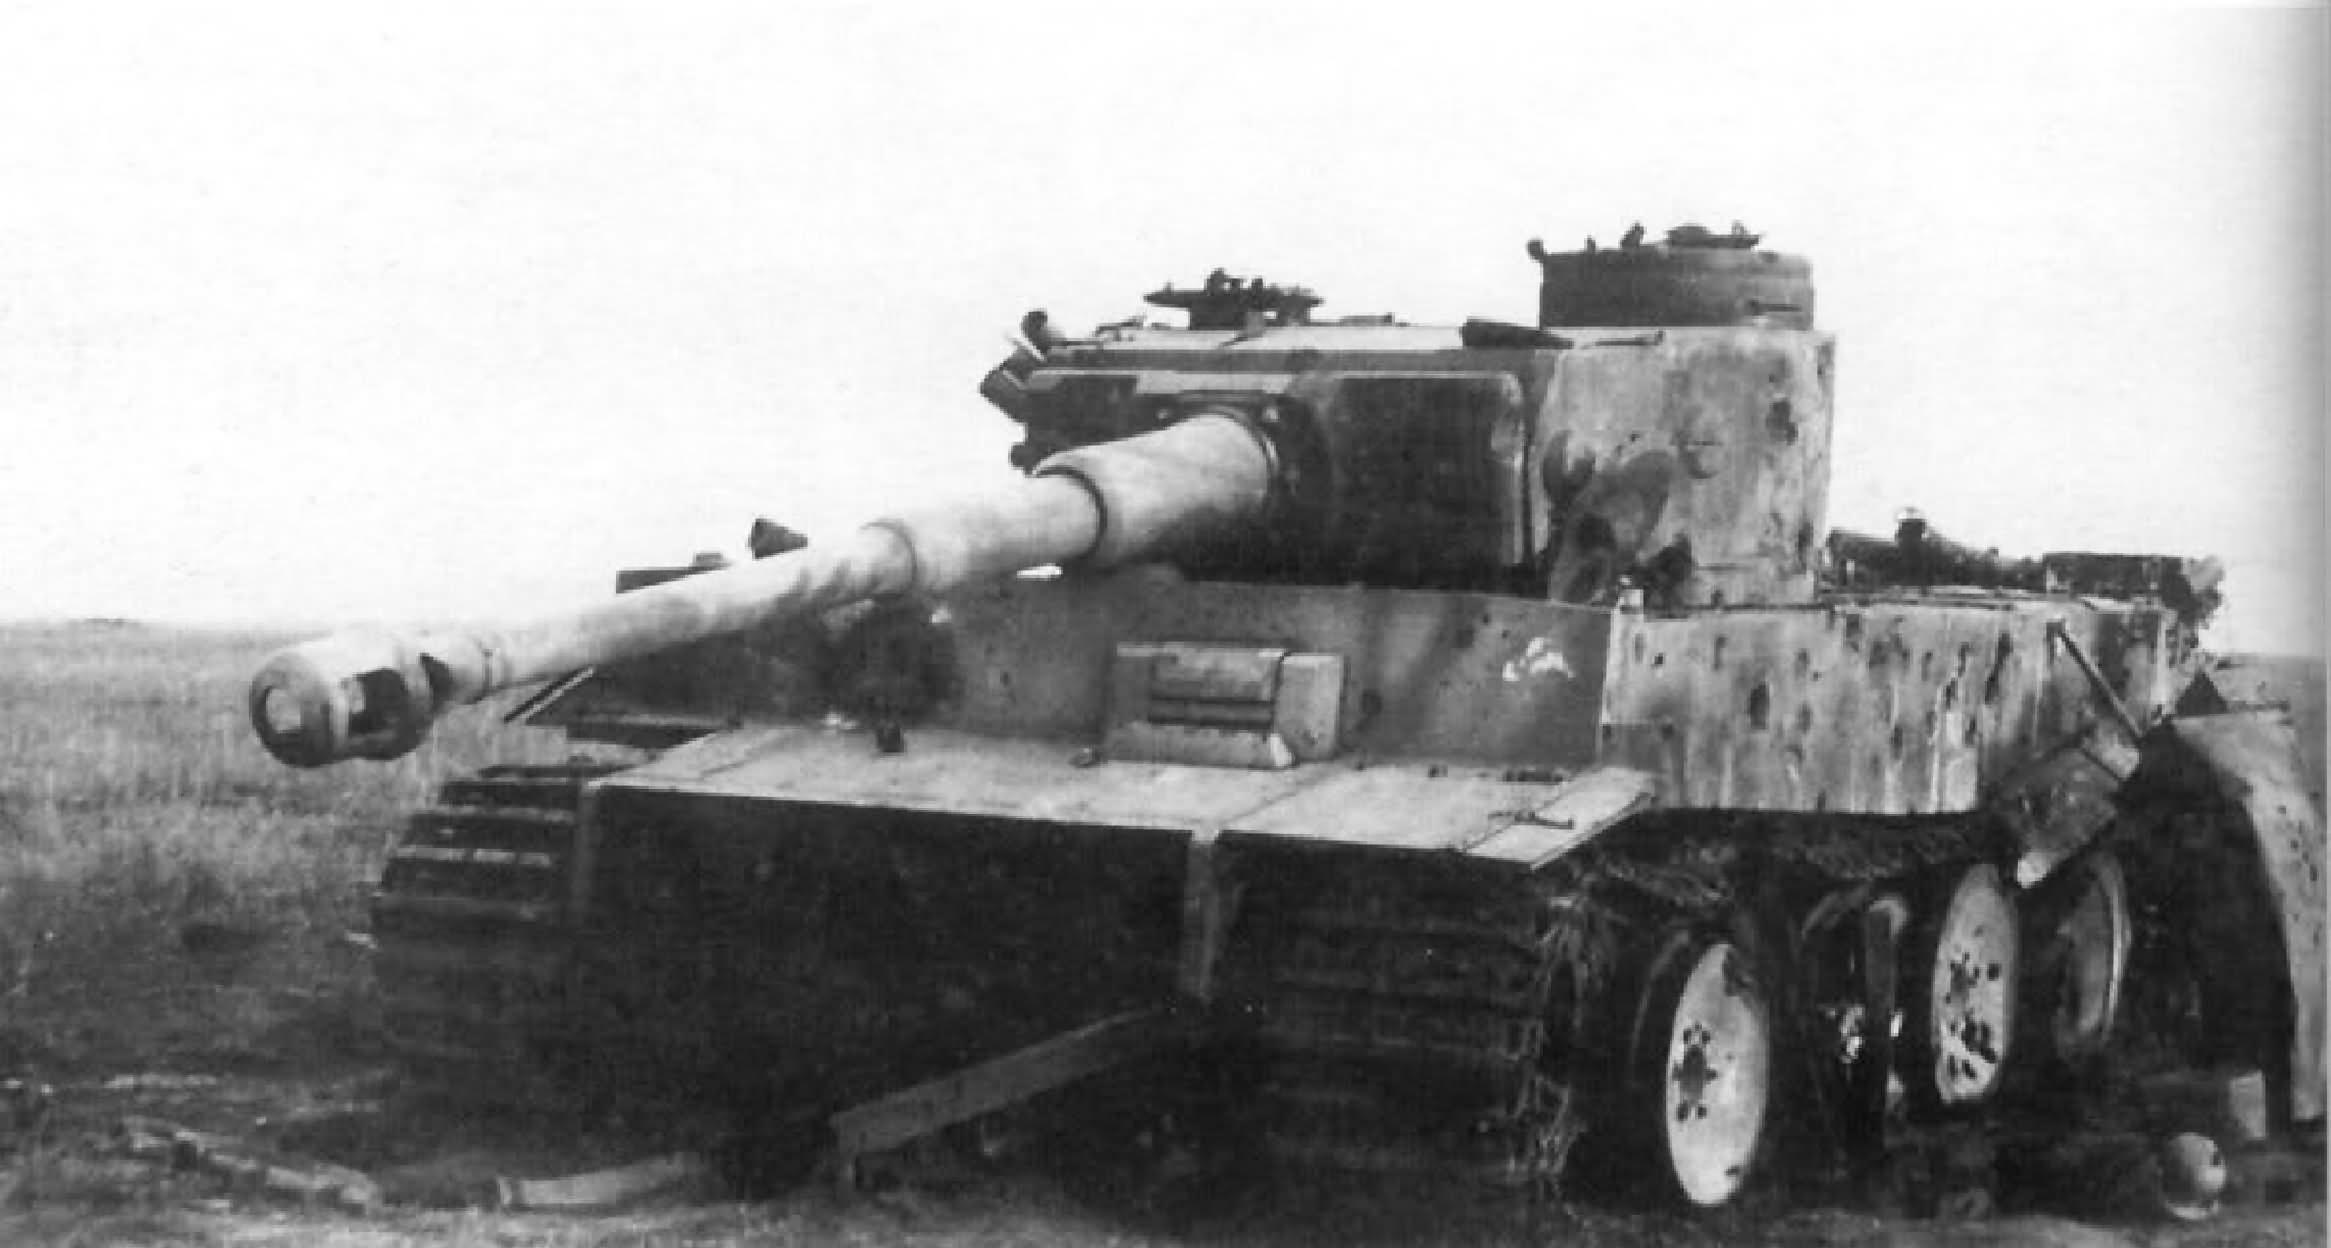 Destroyed Panzer VI Tiger of Schwere Panzer-Abteilung 505, tank ...